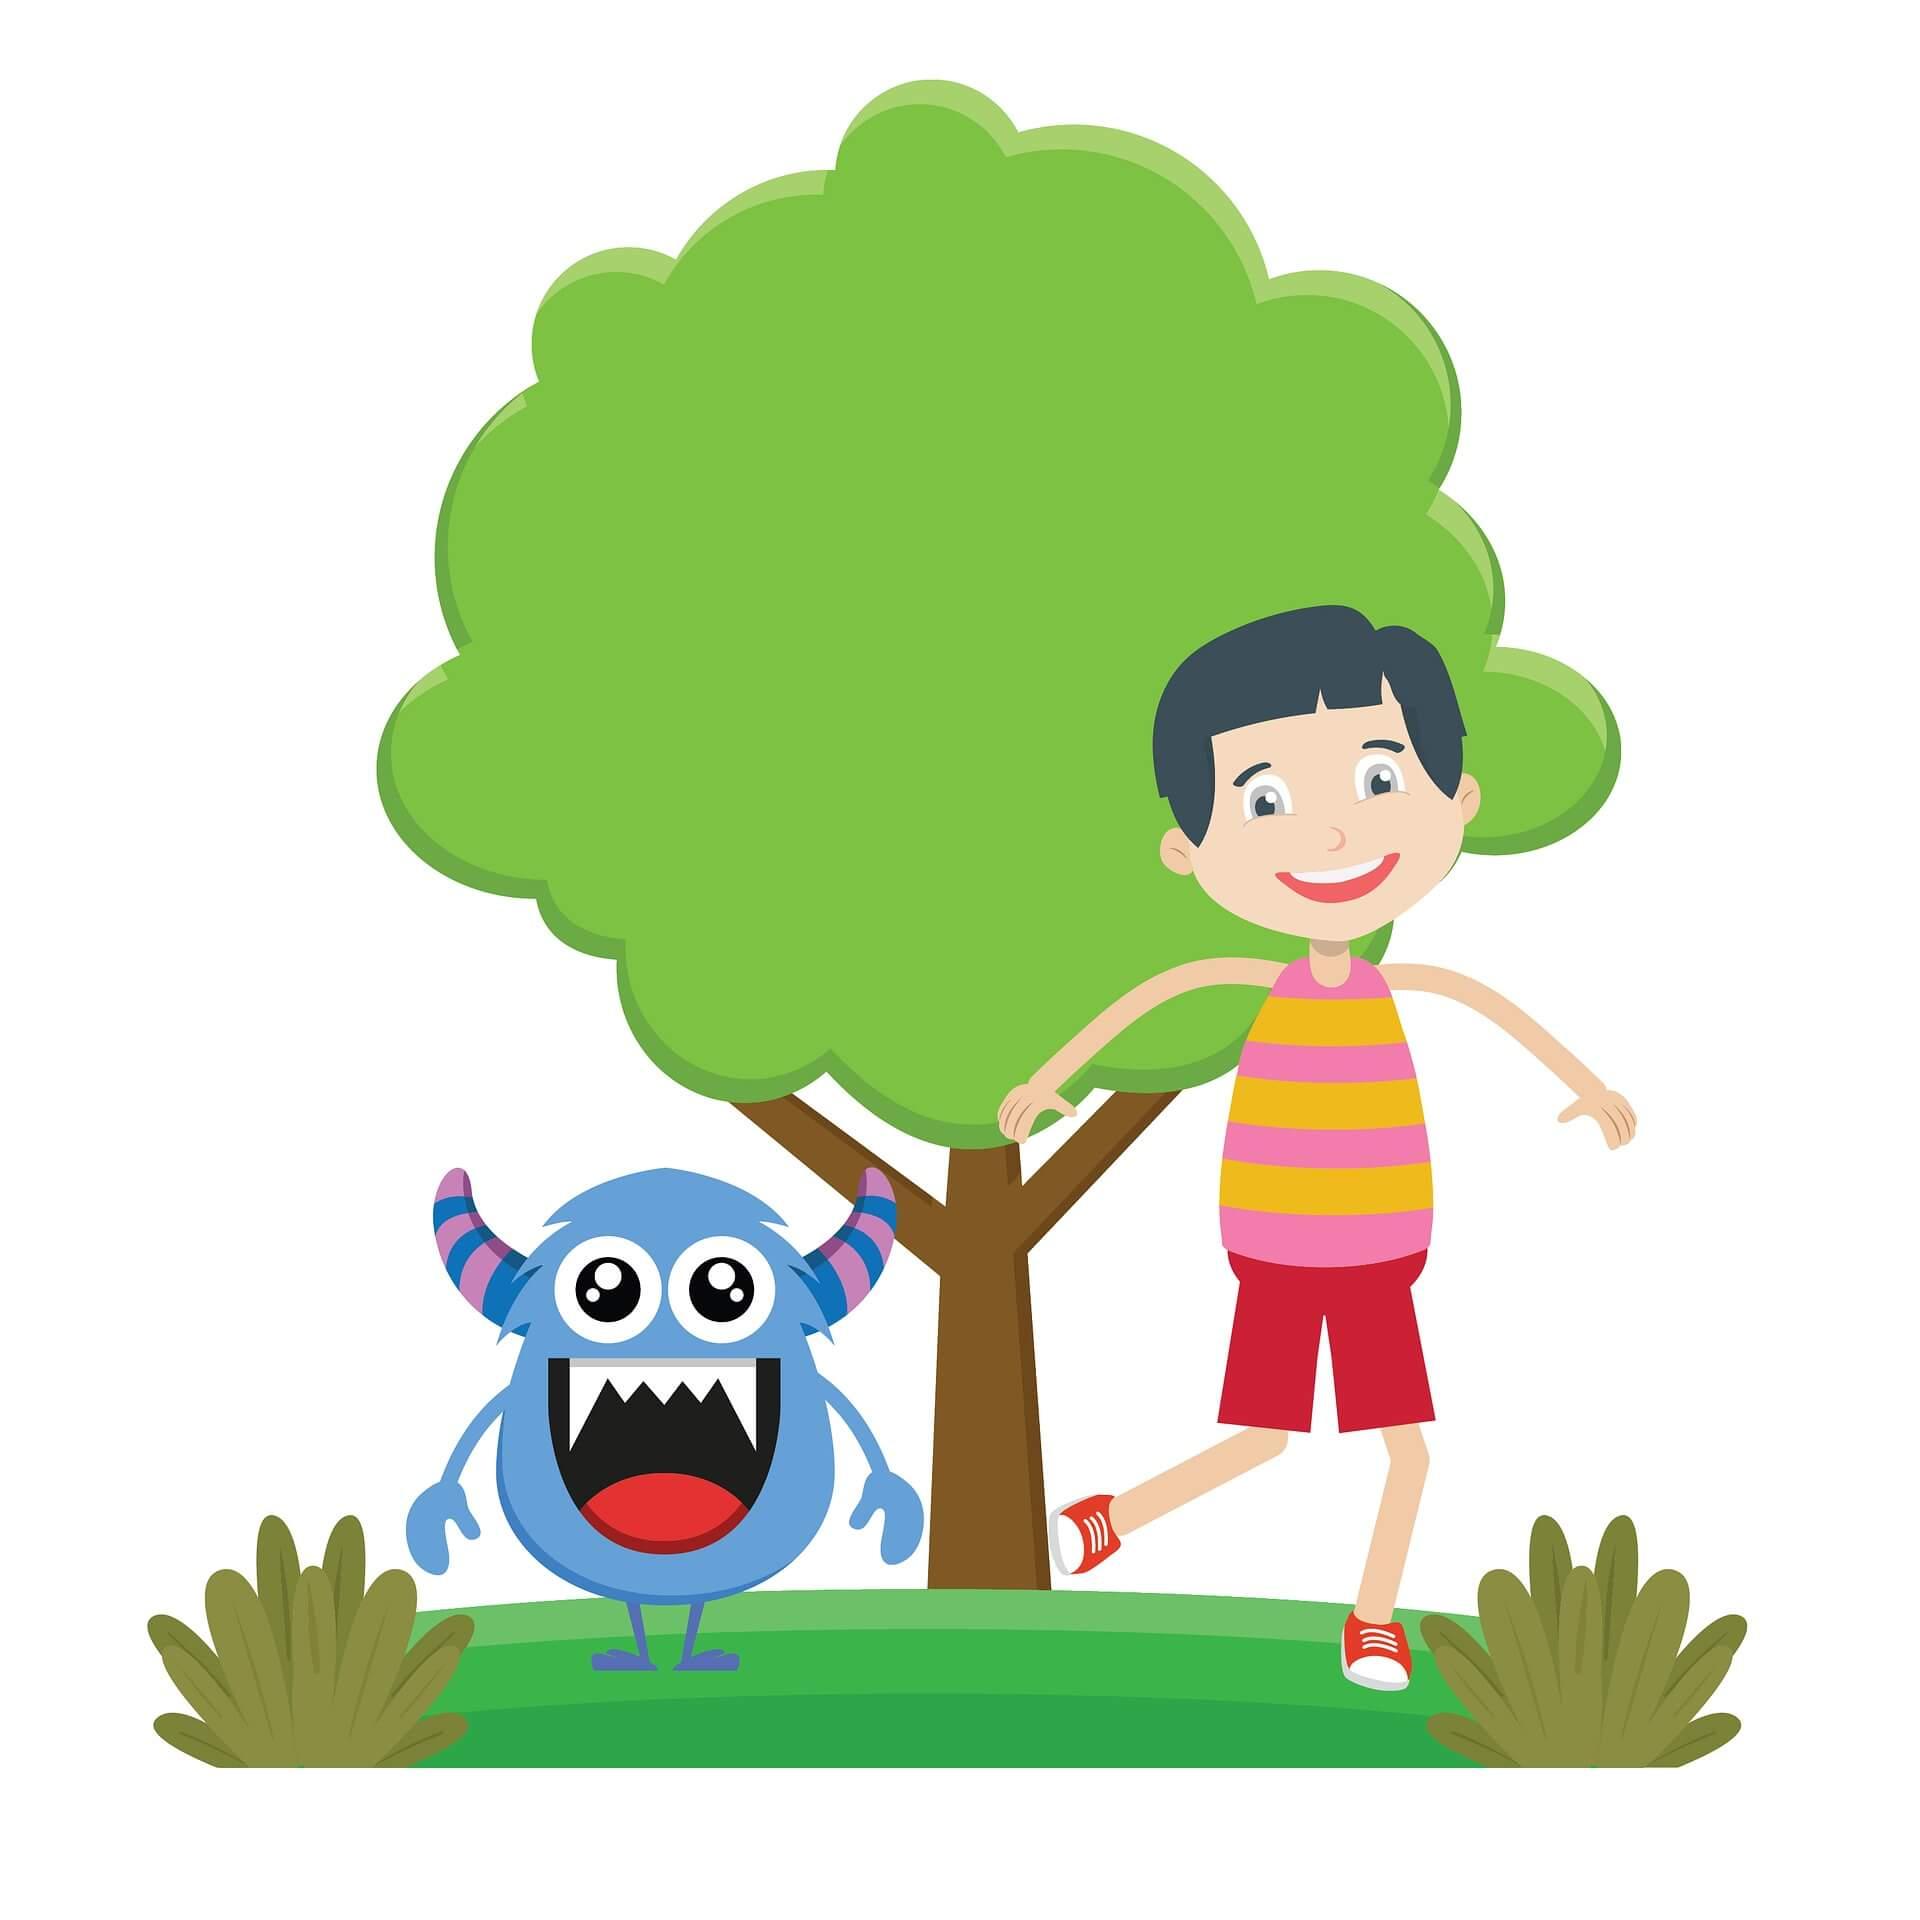 El monstruo de colores es uno de los cuentos infantiles para el desarrollo emocional.